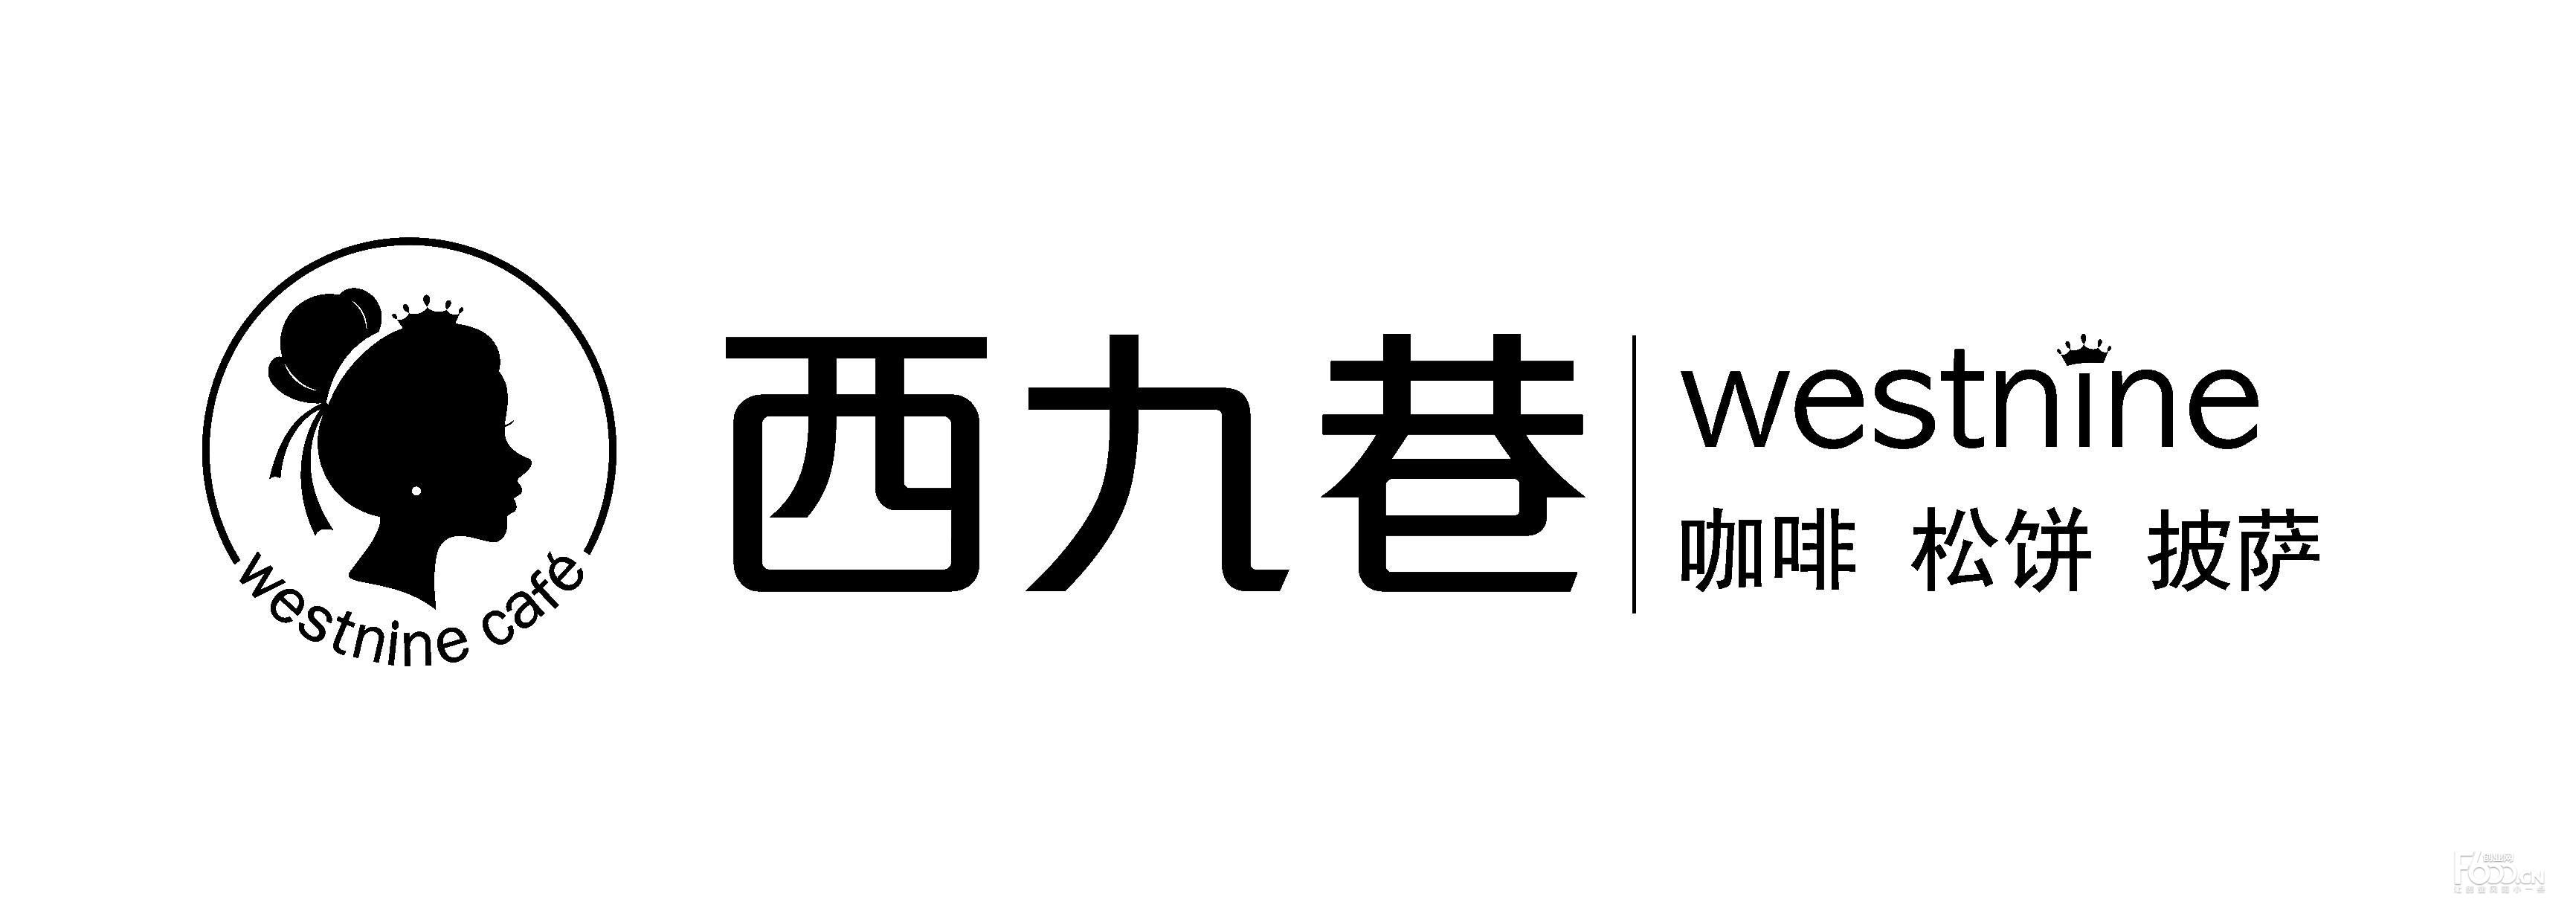 logo logo 标志 设计 矢量 矢量图 素材 图标 3464_1217